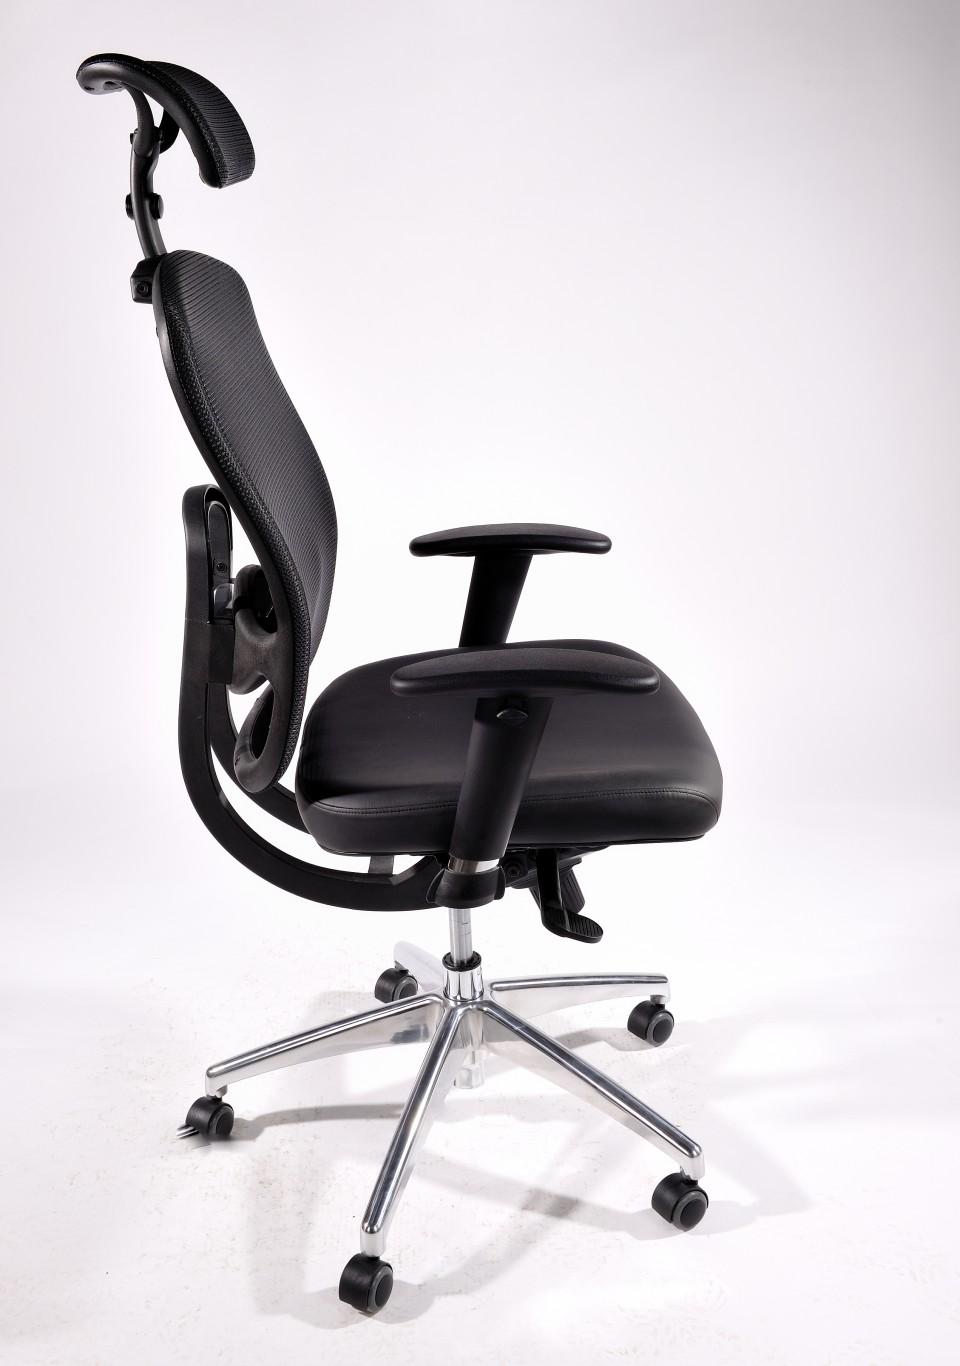 fauteuil de bureau ergonomique ergo seat achat si ges ergonomiques 297 00. Black Bedroom Furniture Sets. Home Design Ideas